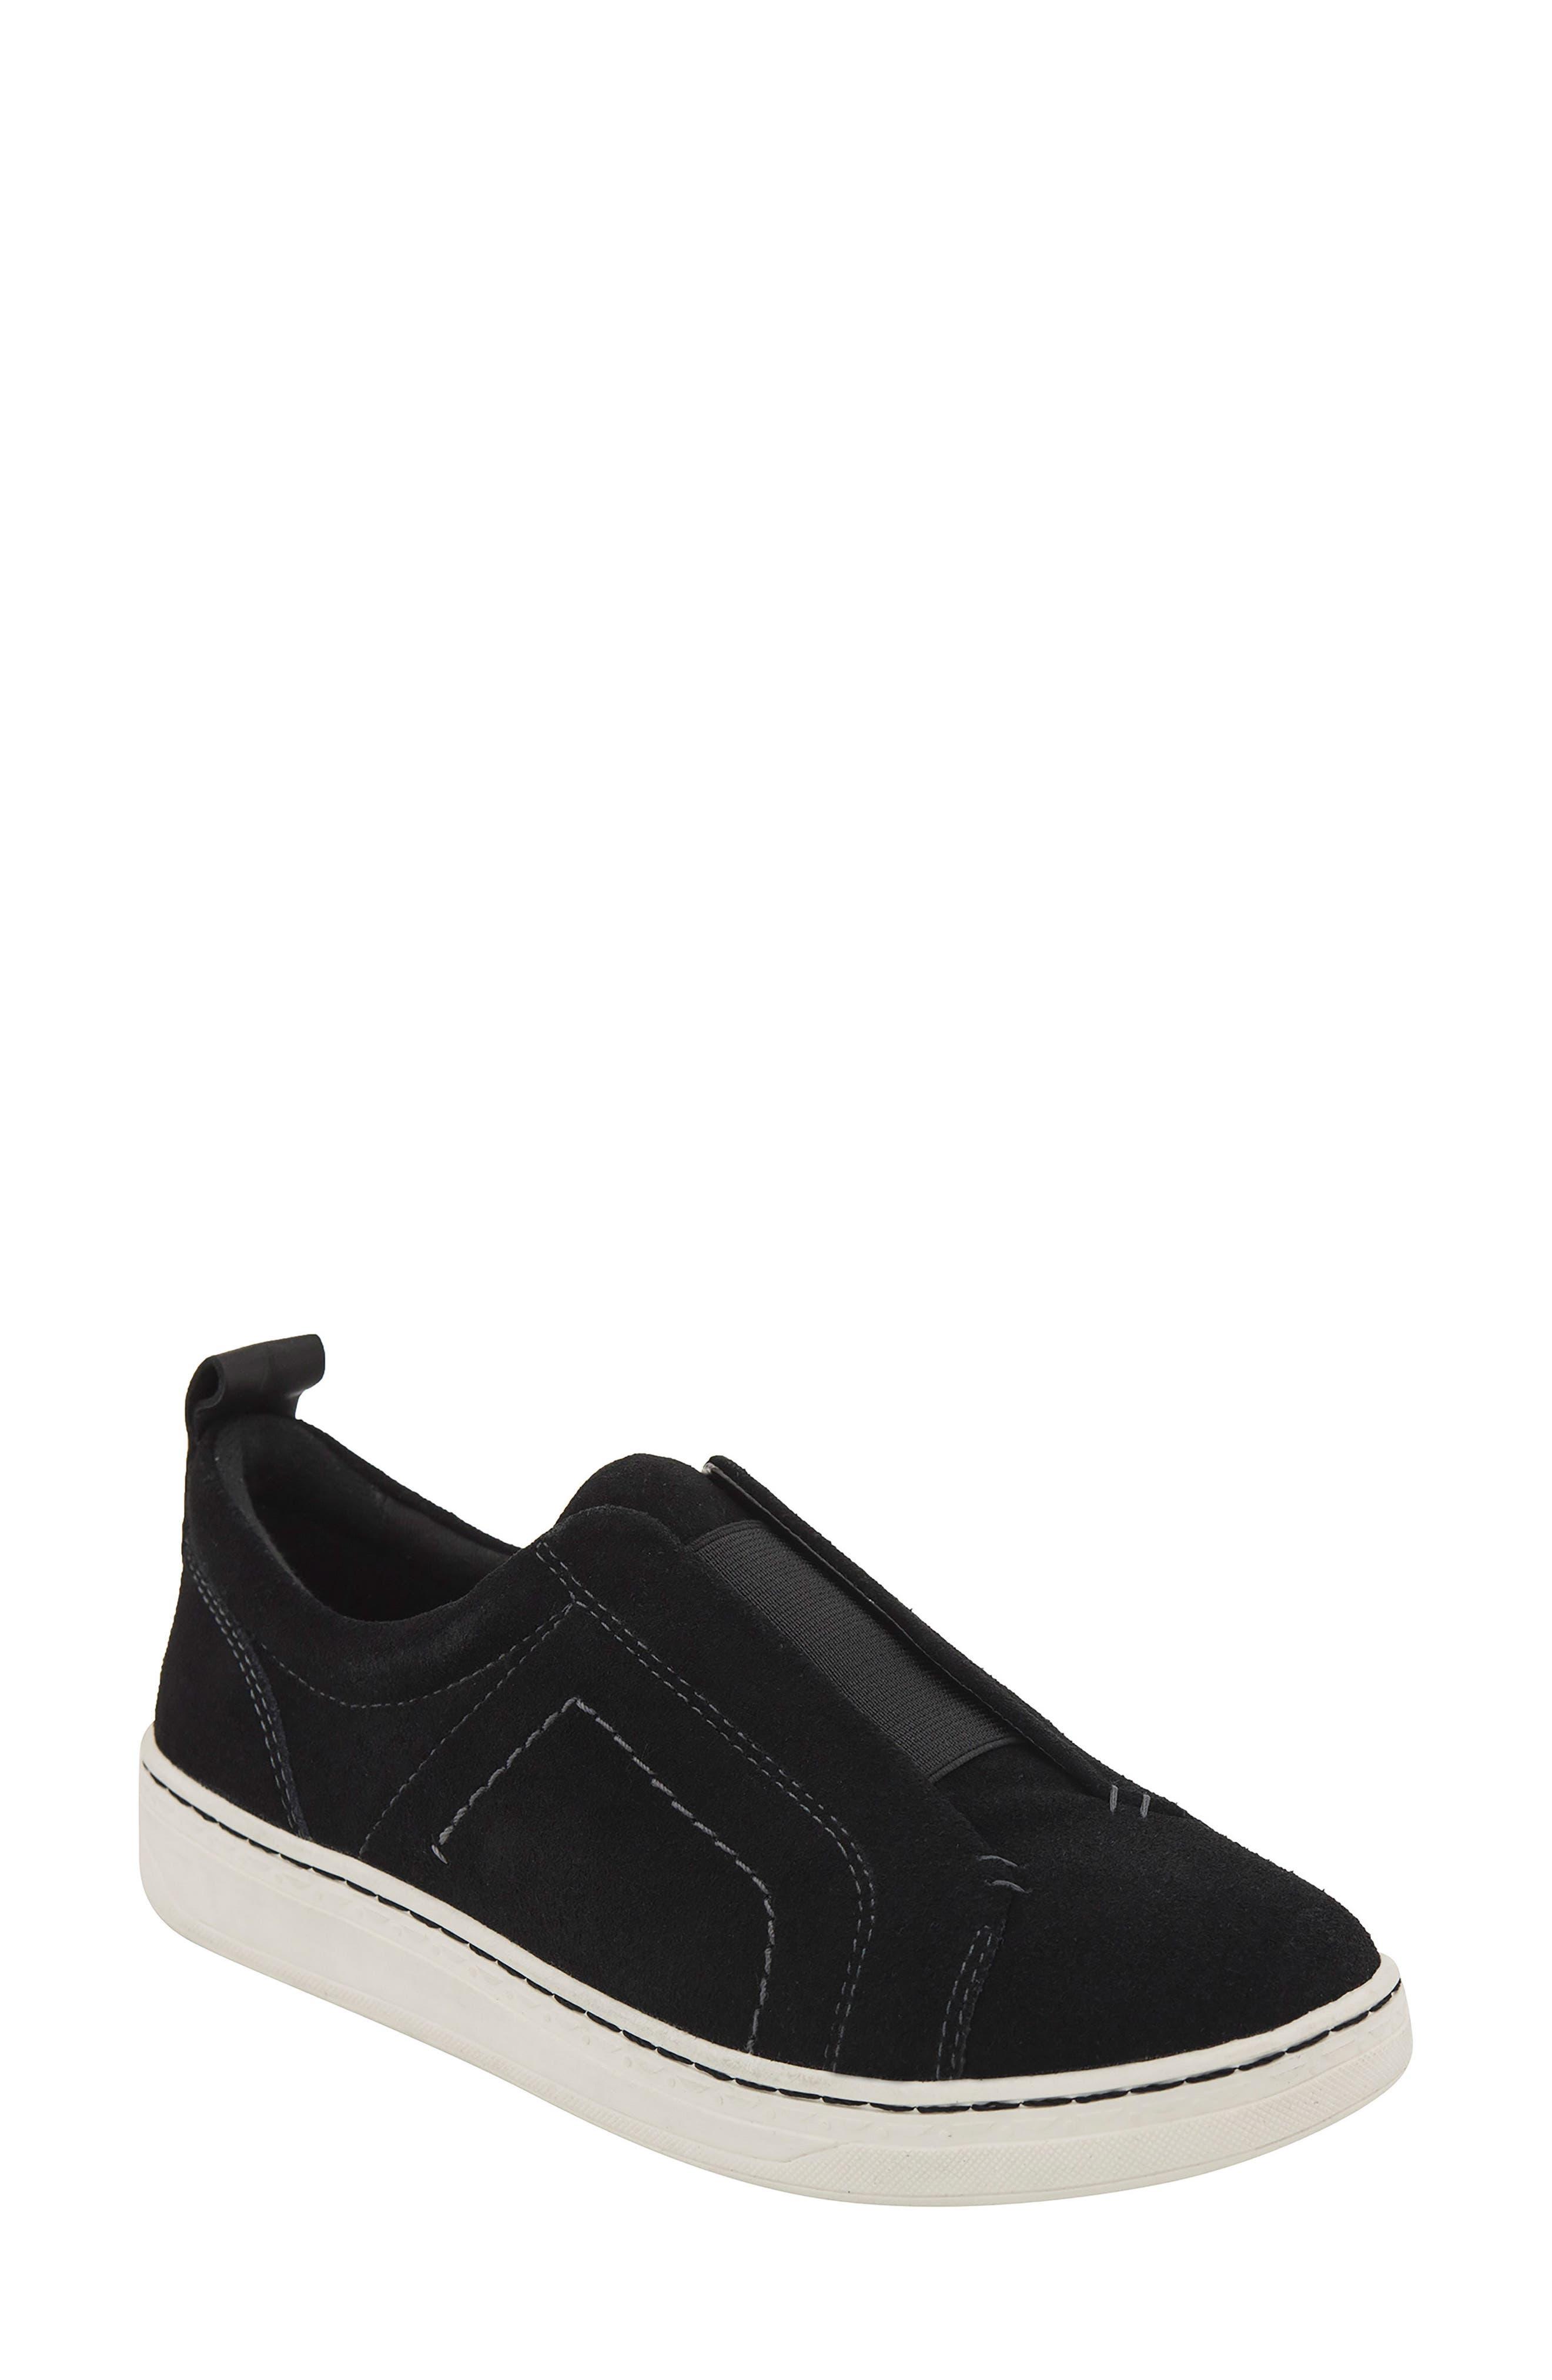 Zetta Slip-On Sneaker,                             Main thumbnail 1, color,